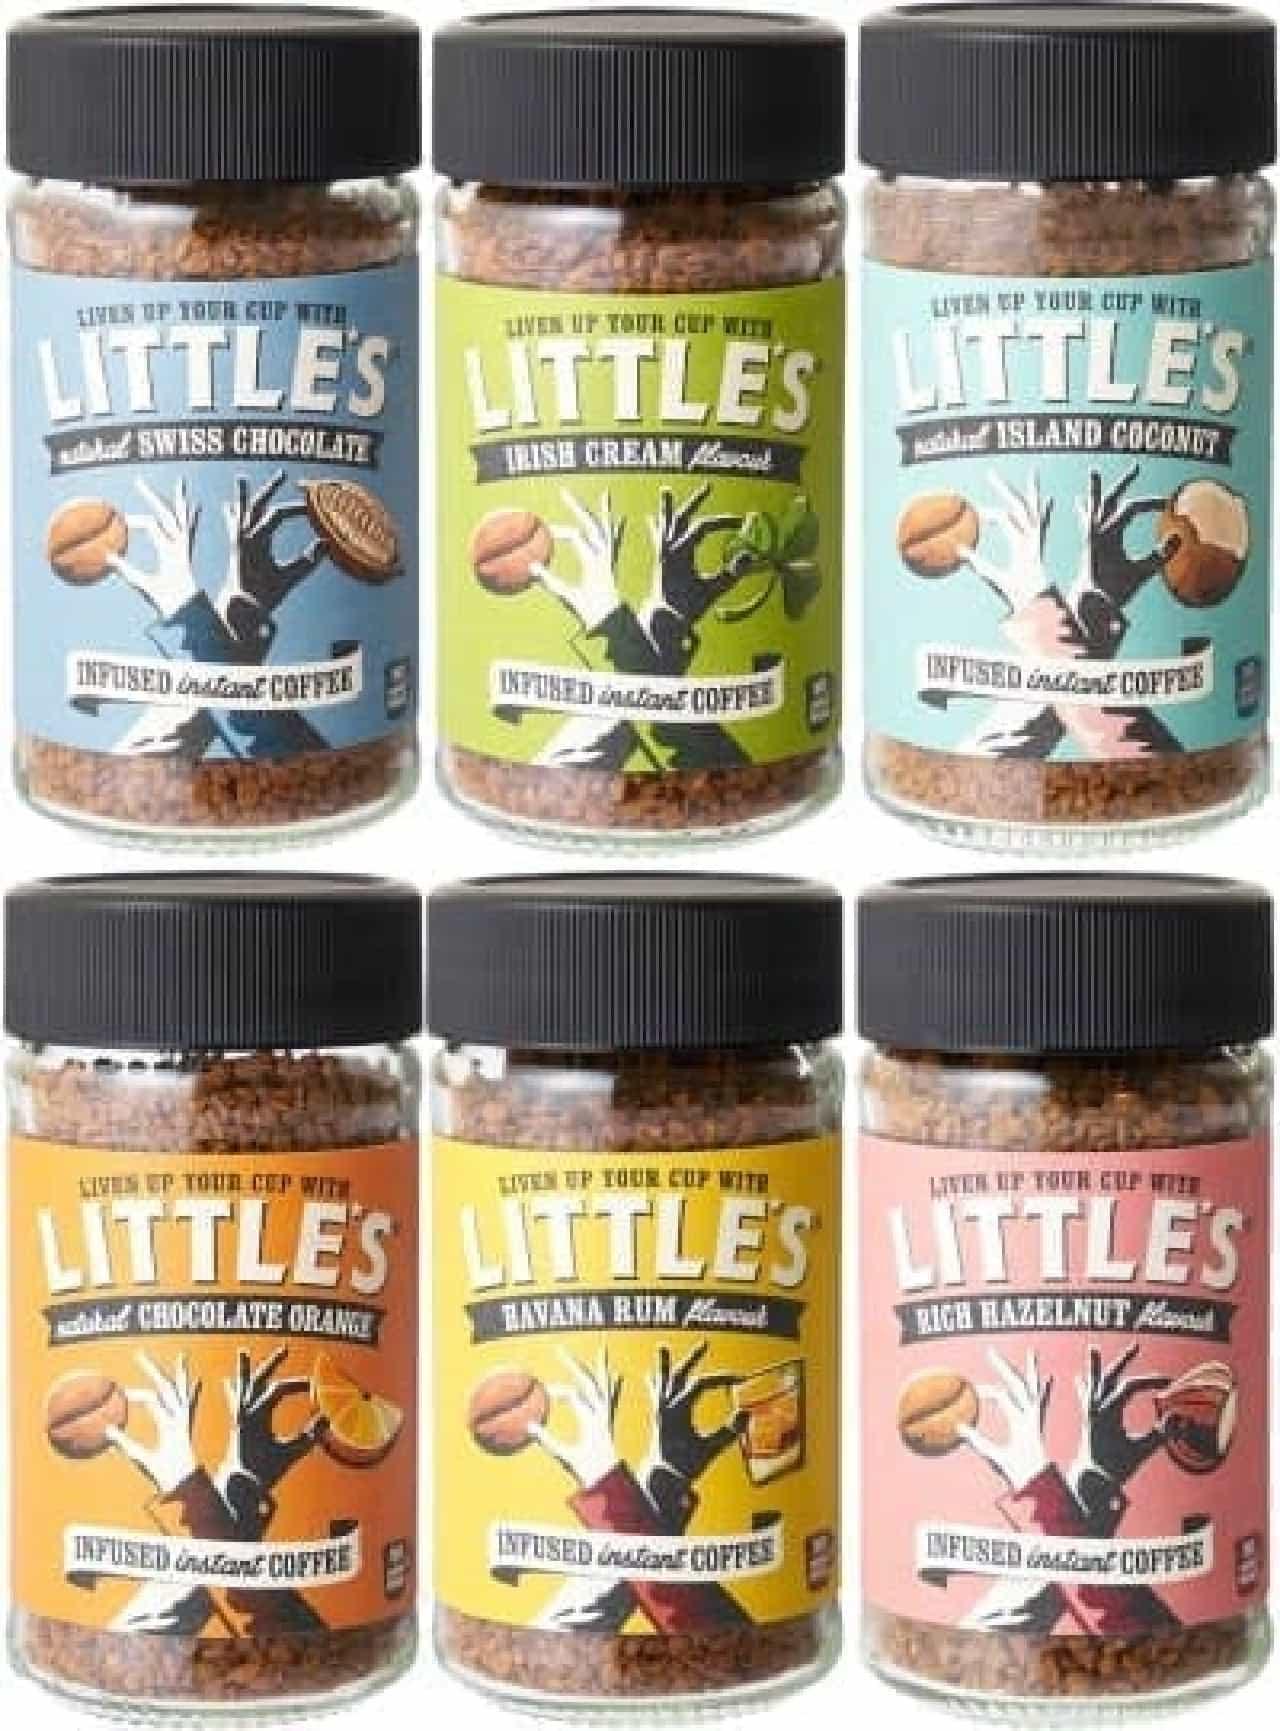 イギリス産のインスタントフレーバーコーヒー「LITTLE'S(リトルズ)」